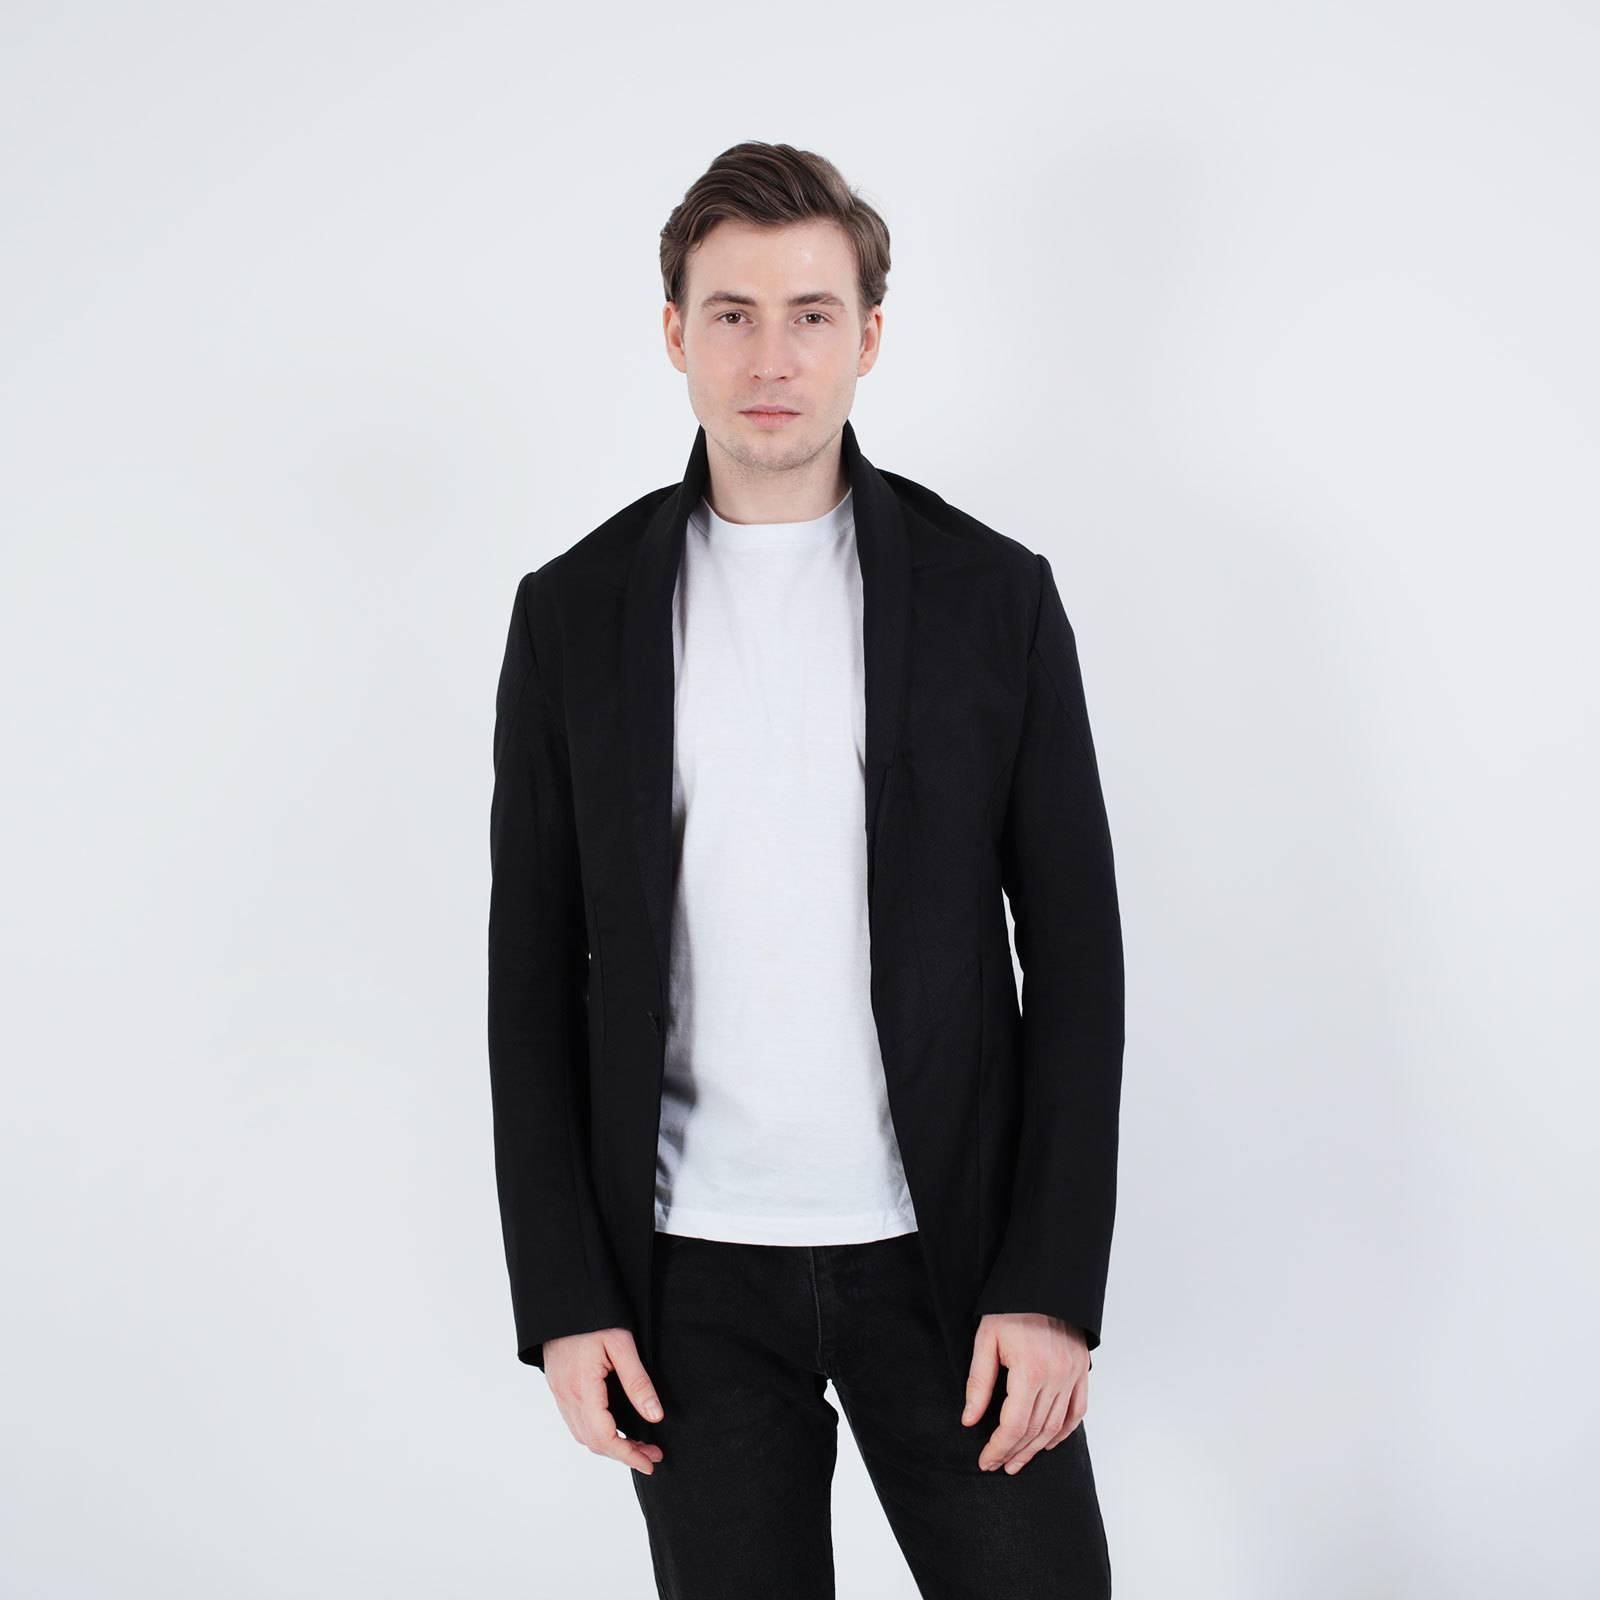 370bfb1df Купить пиджак Julius в Москве с доставкой по цене 12600 рублей ...